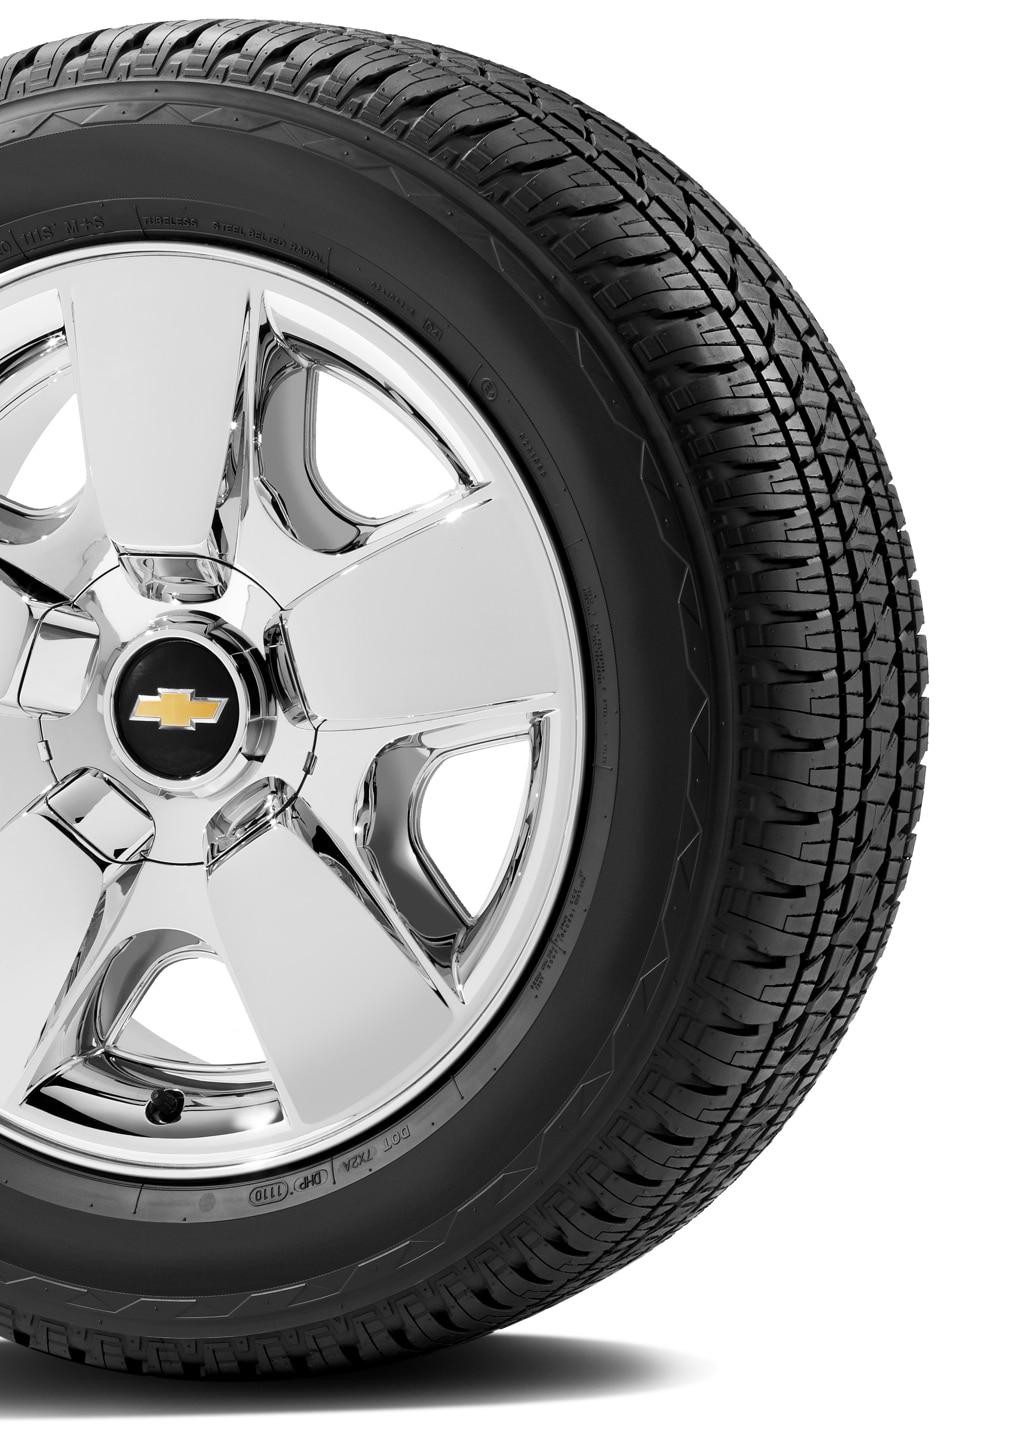 Video con el resumen de la protección de neumáticos y rines de Chevrolet